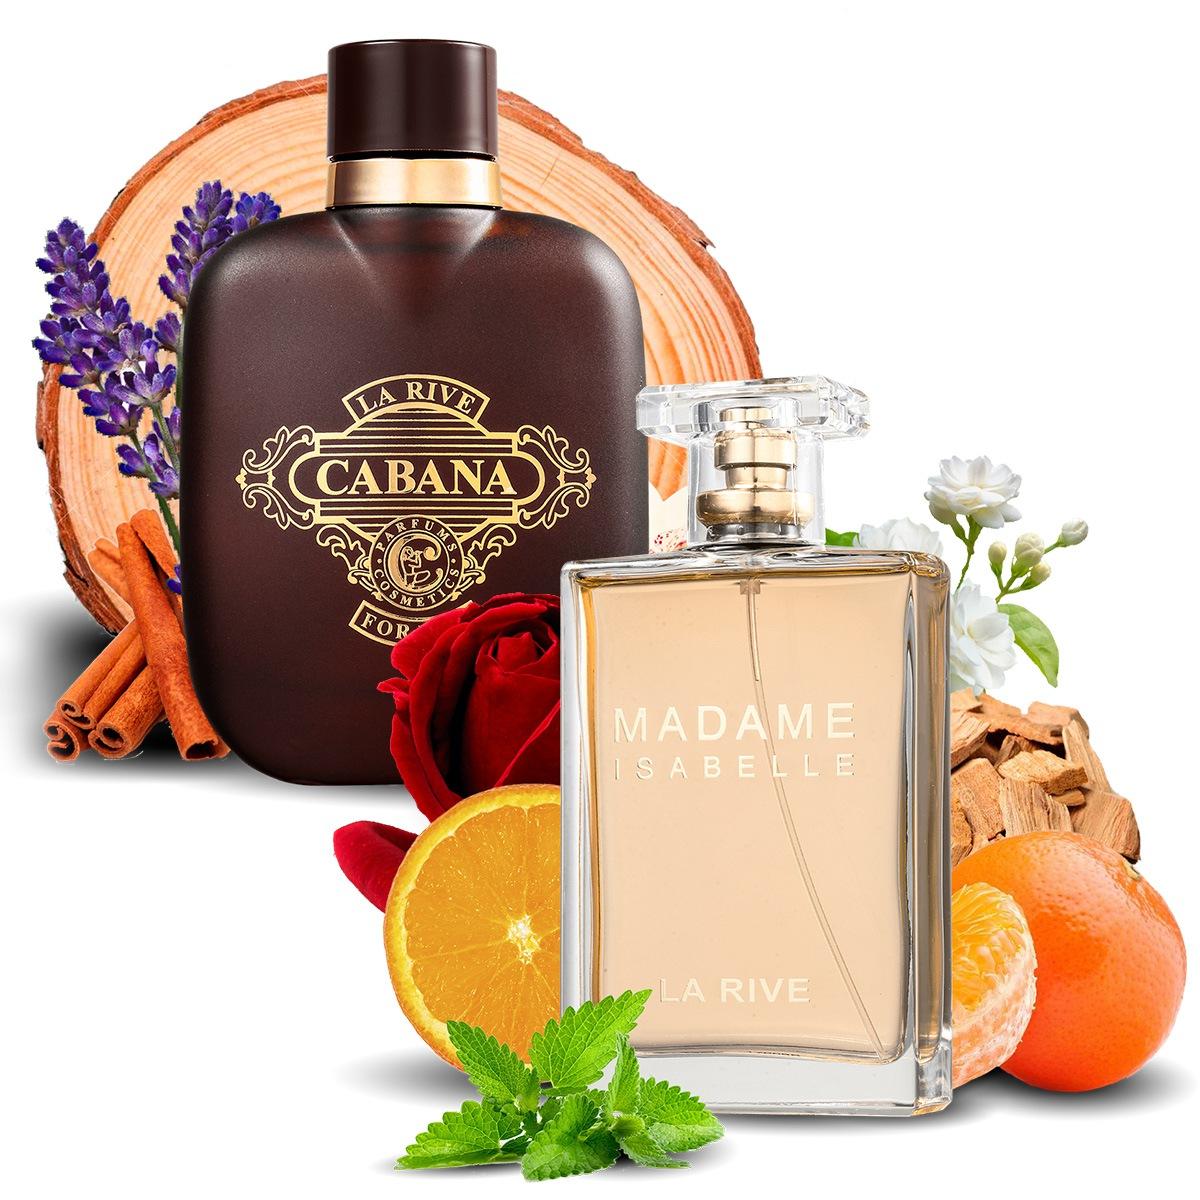 Kit 2 Perfumes Importados Cabana e Madame Isabelle La Rive